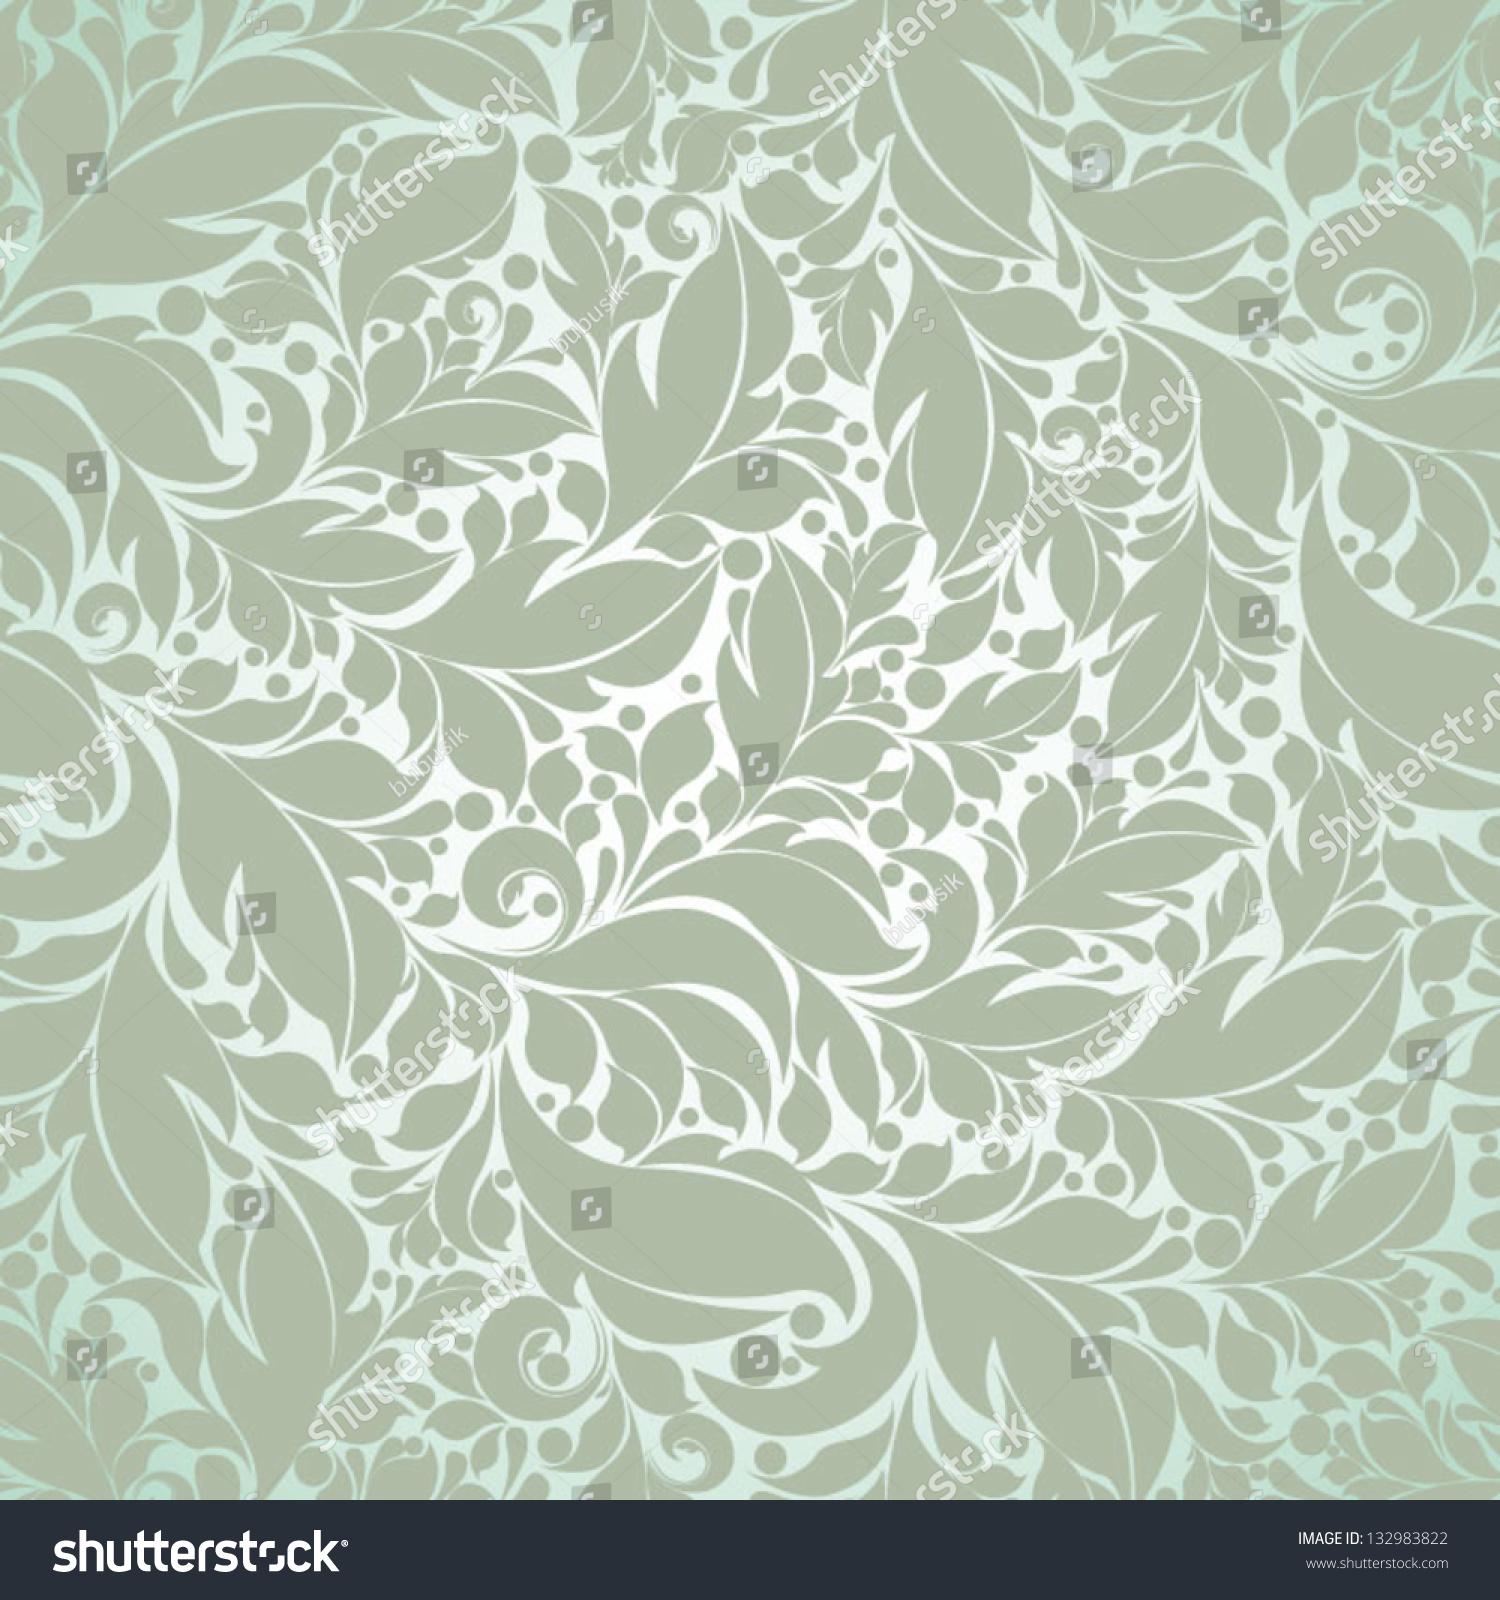 复古碎花无缝图案花卉背景柔和的颜色-背景/素材,复古